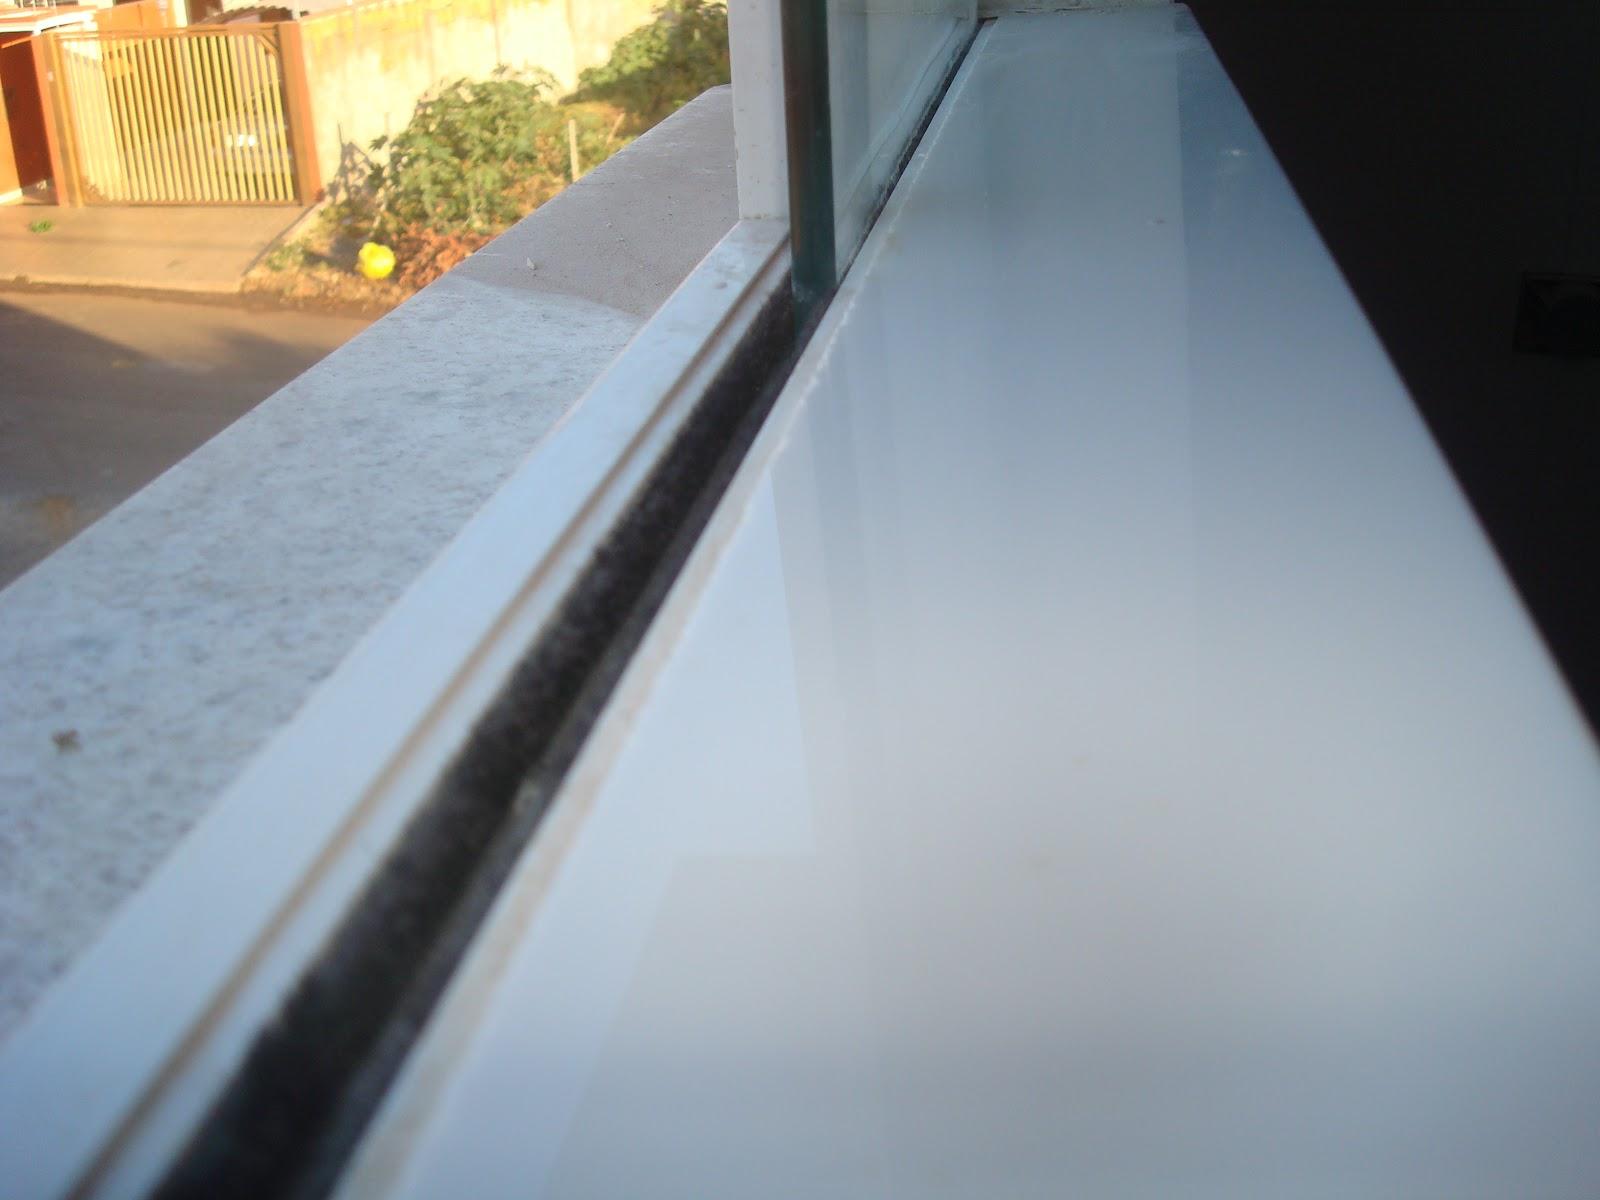 Banheiro da Manu Nanoglass por dentro e Branco Siena por fora. #AF801C 1600x1200 Banheiro Branco Siena